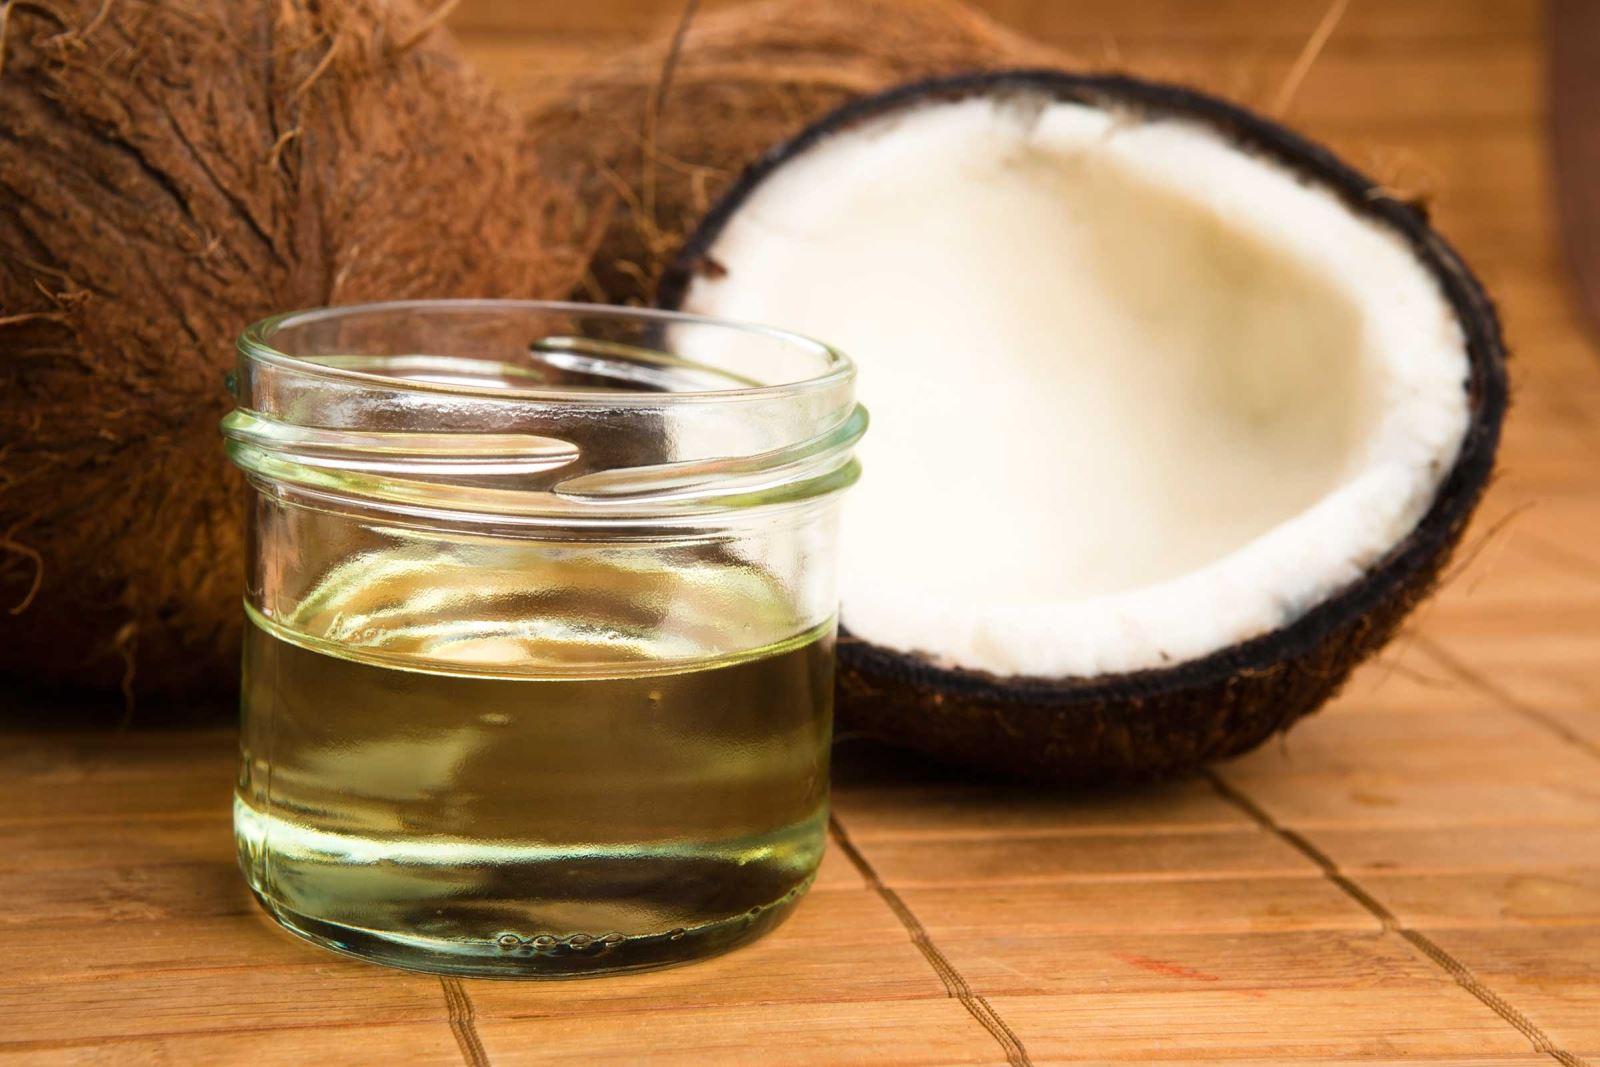 Làm thế nào để tự làm dầu dừa tại nhà đơn giản và hiệu quả?